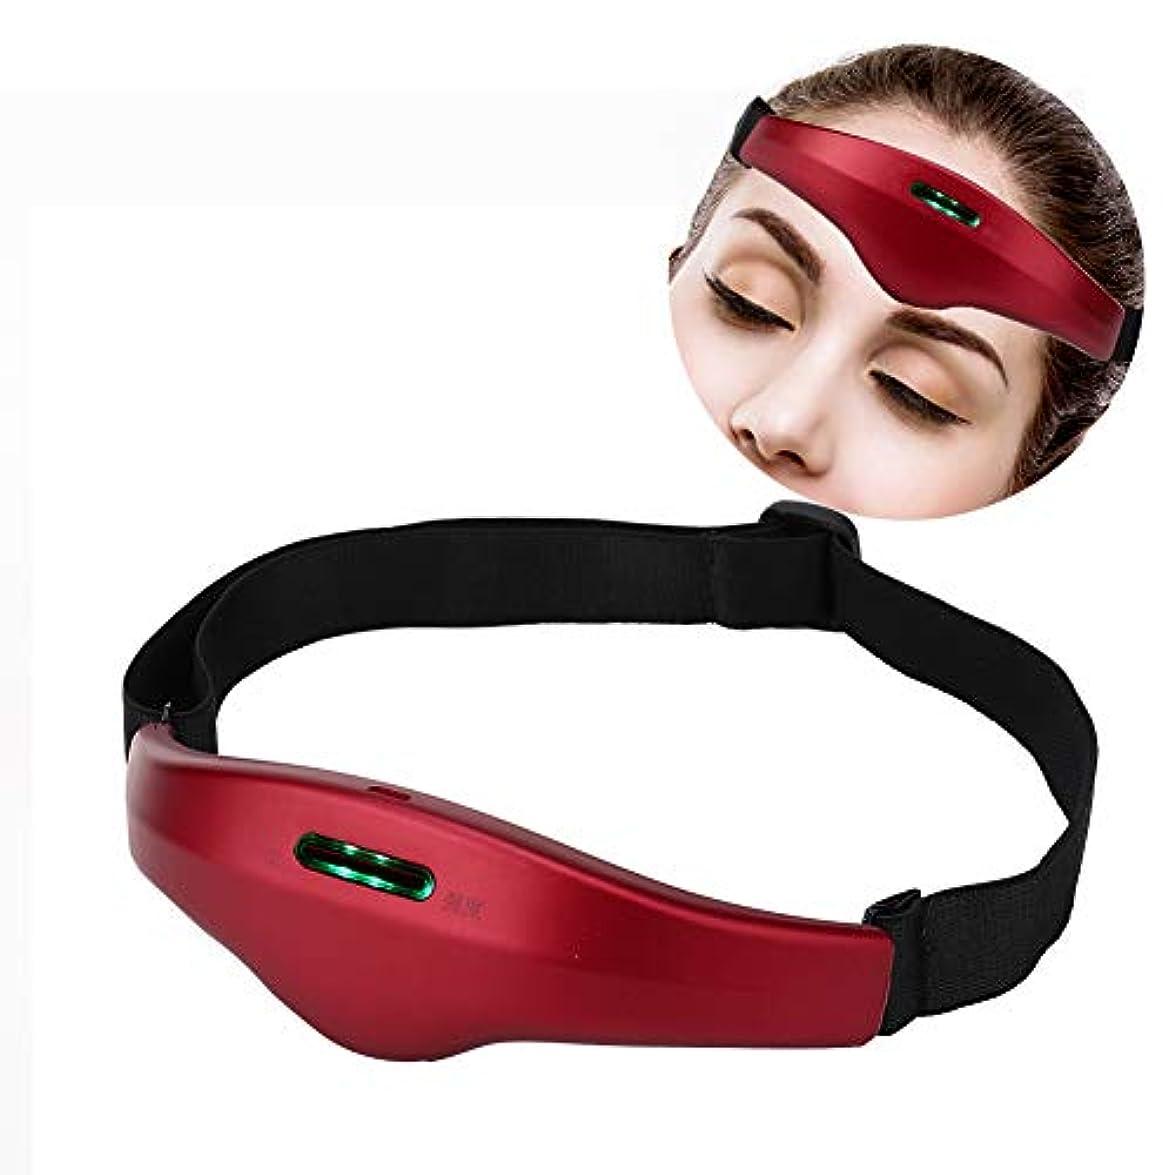 天の矩形パンダ電気ヘッドマッサージャー、ストレス解消のためのコントロールネックマッサージャーとより良い睡眠の声インテリジェント睡眠マッサージ装置(Vermilion Red)